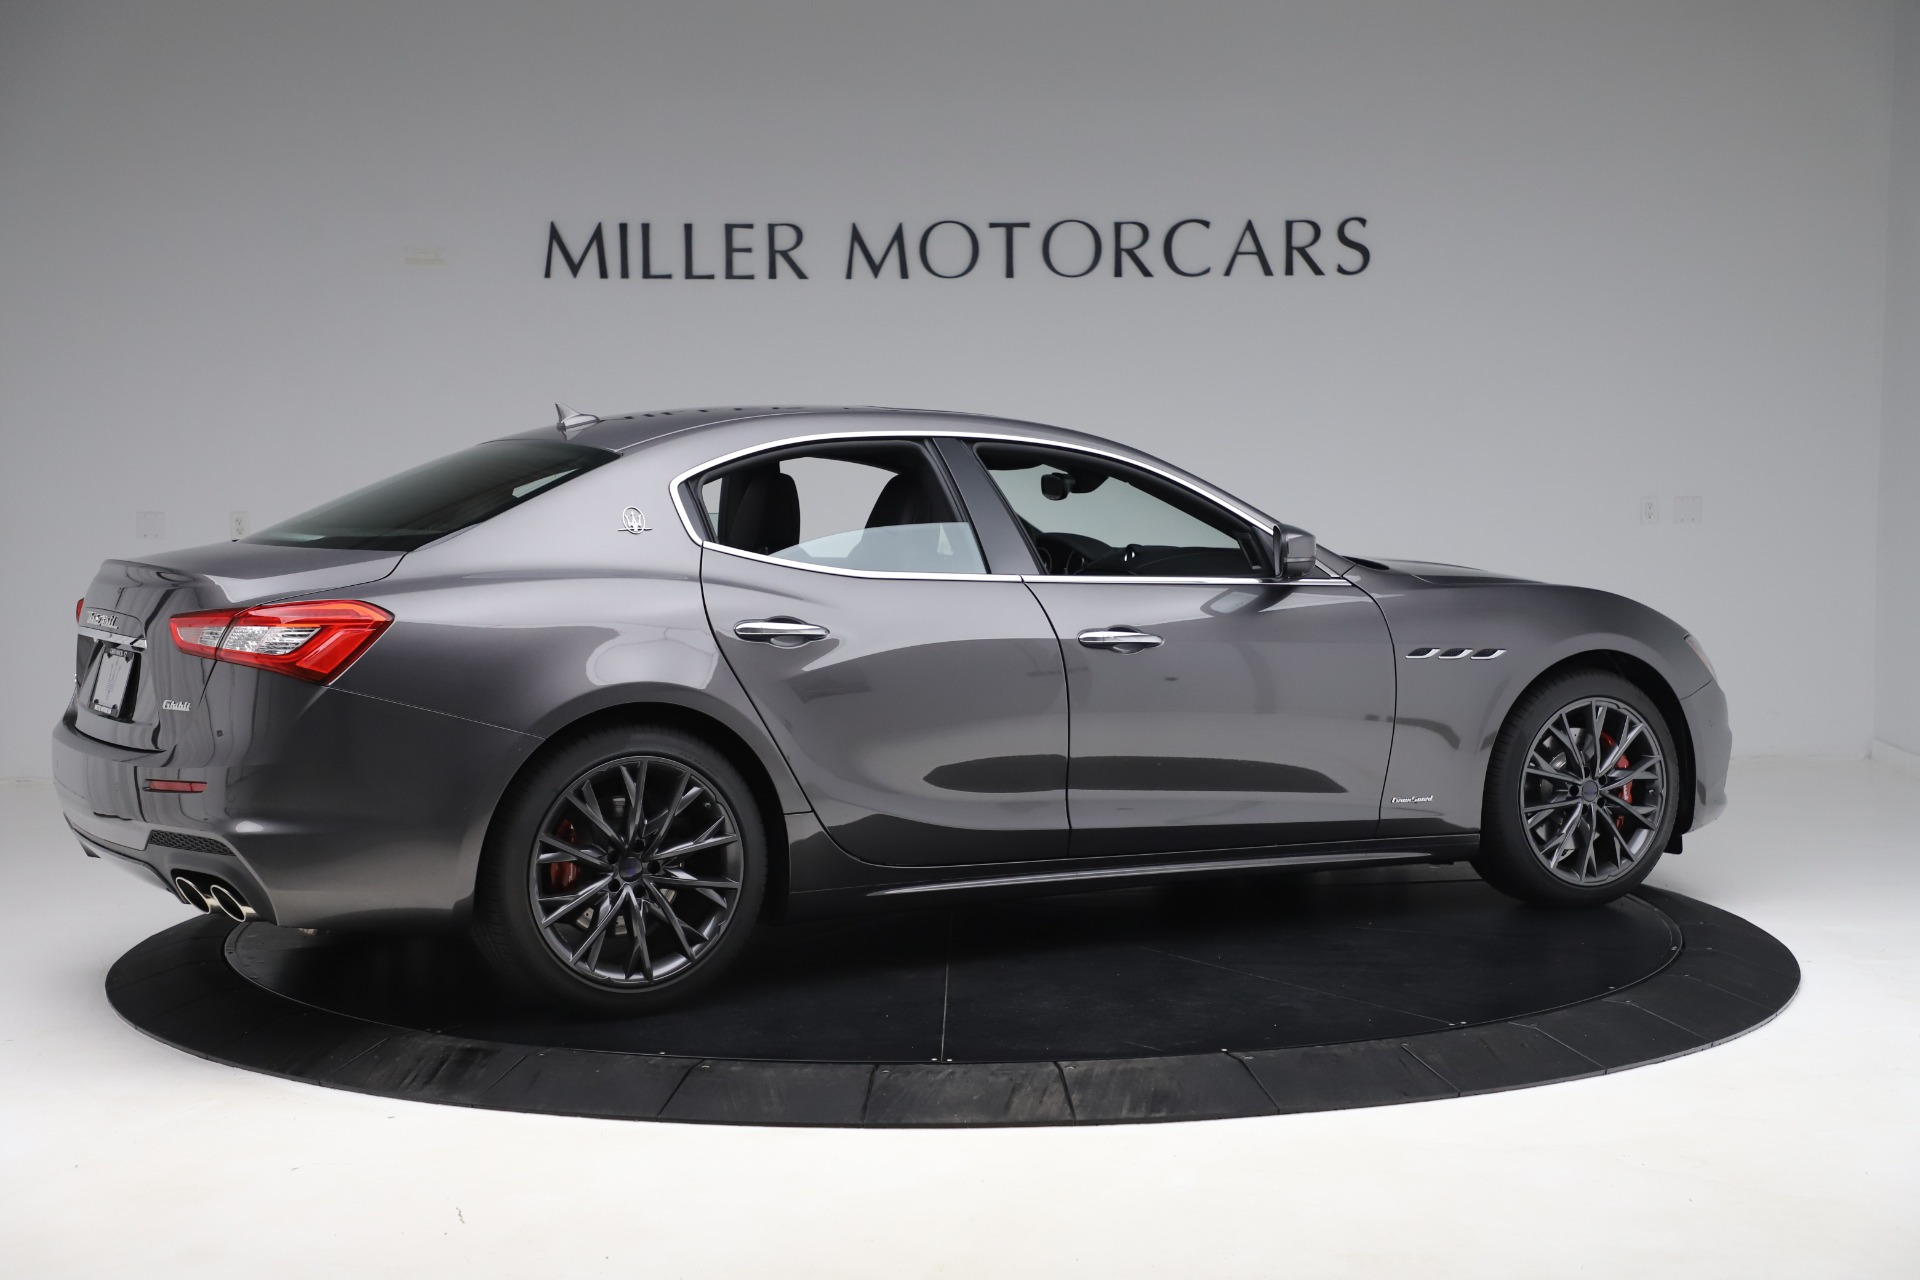 New-2019-Maserati-Ghibli-SQ4-GranSport